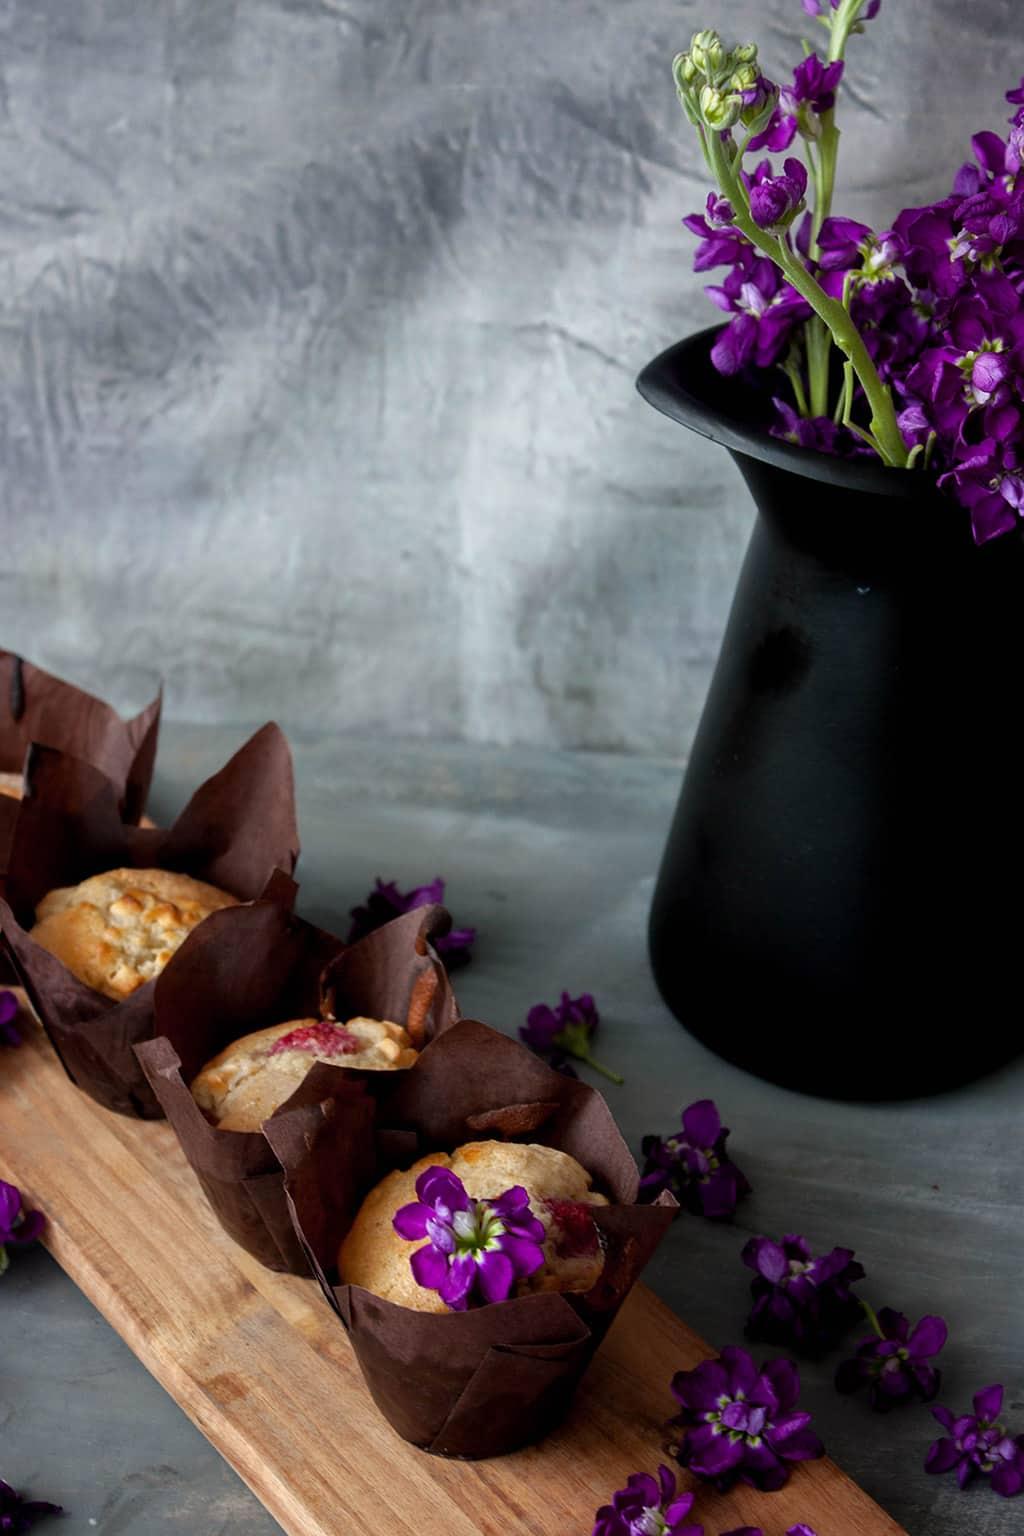 Receta de muffins de frambuesa con chocolate blanco